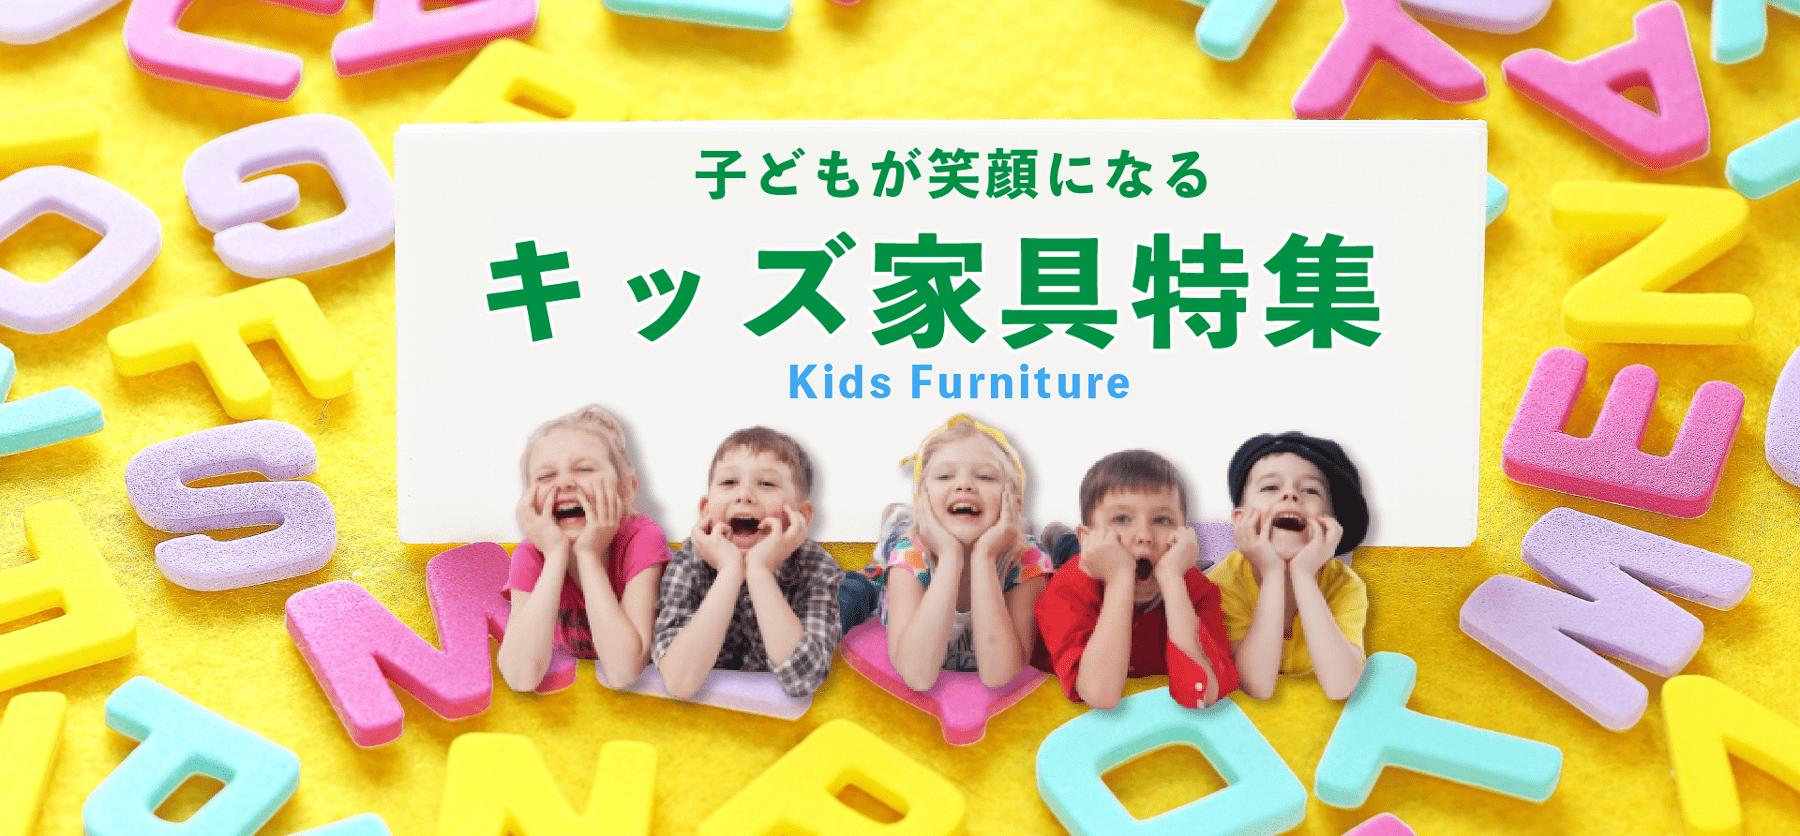 子ども家具 キッズファニチャー kids furniture お年玉 クリスマス 誕生日 入園 入学 お祝い